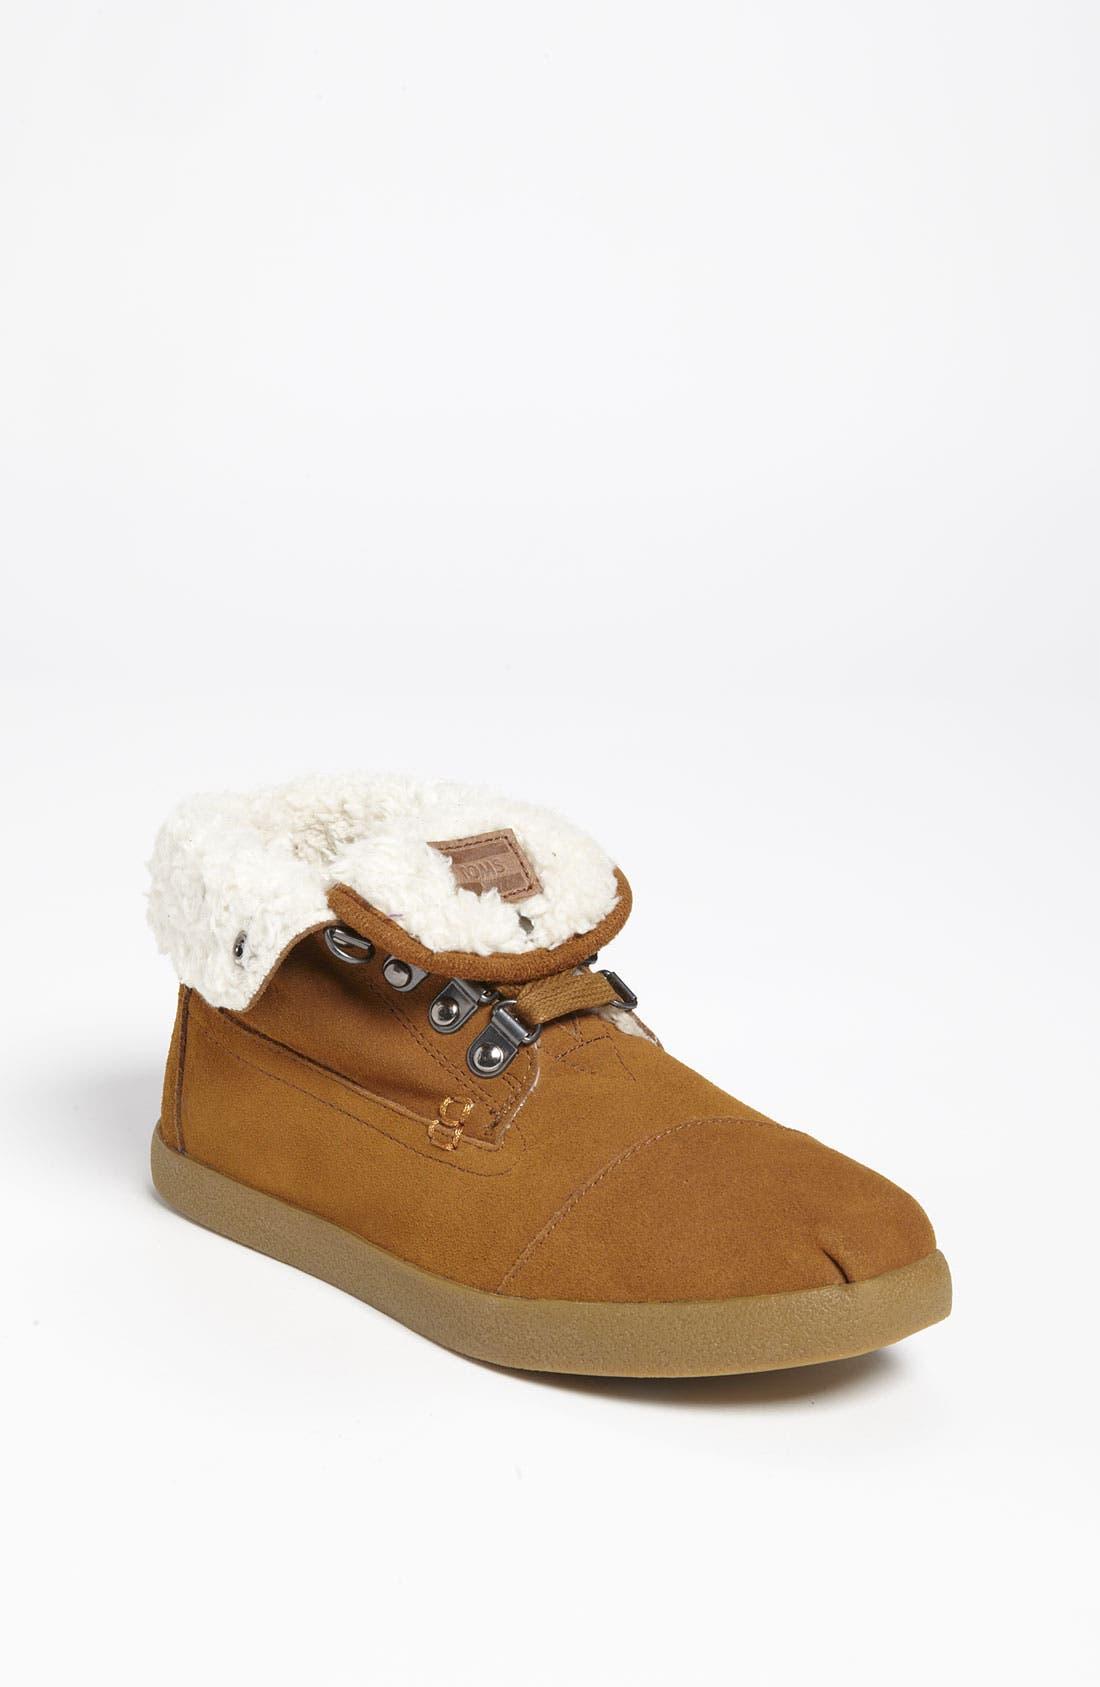 Main Image - TOMS 'Botas' Fleece Boot (Women)